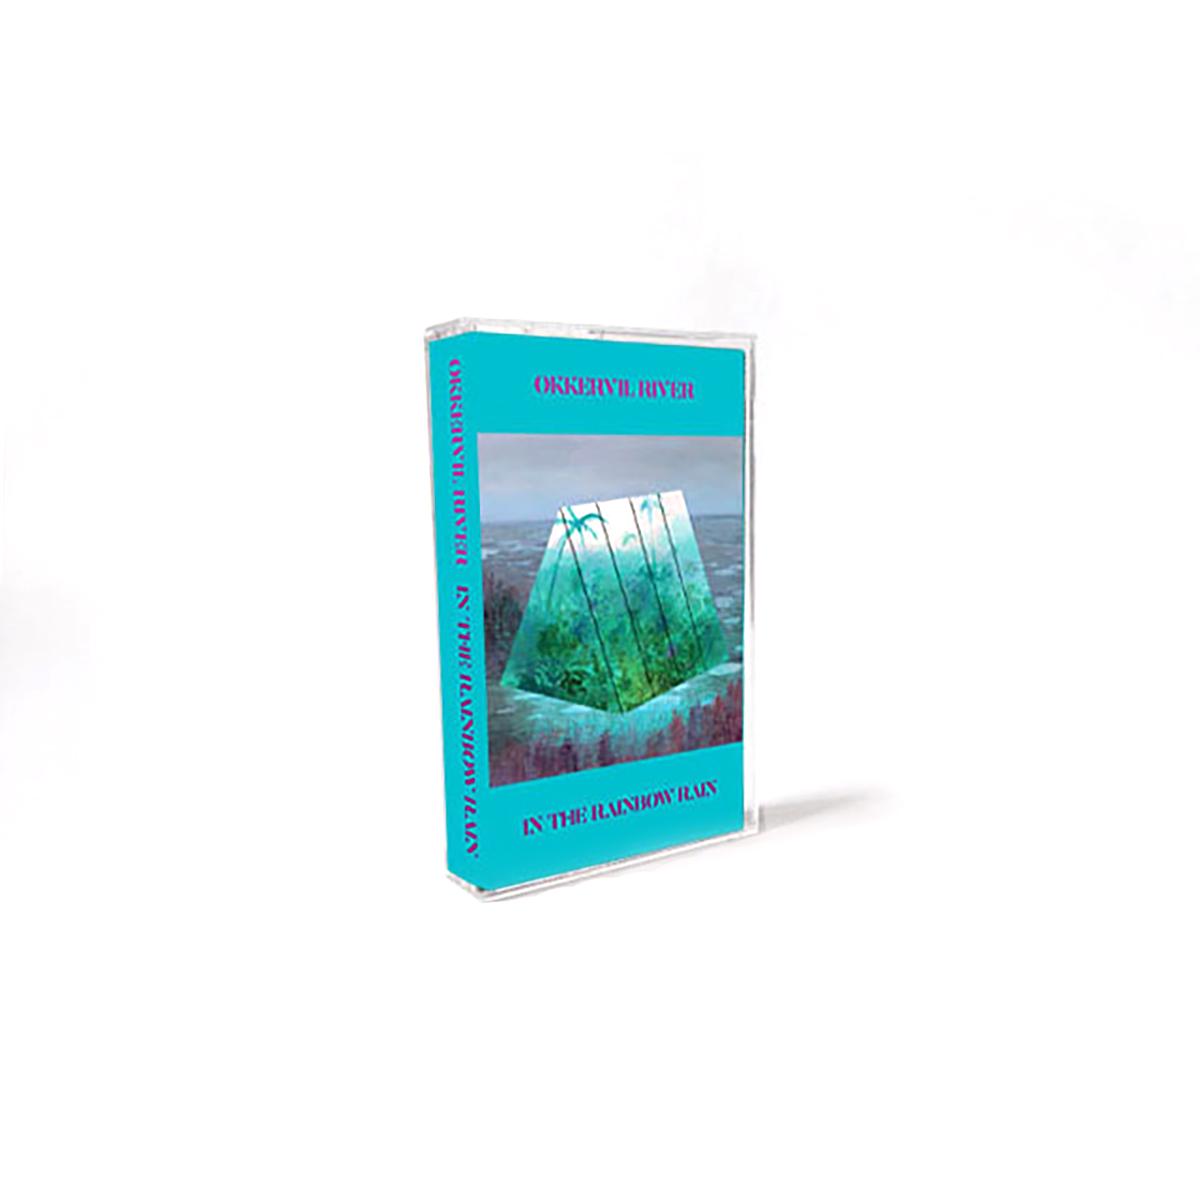 Okkervil River - In The Rainbow Rain Cassette